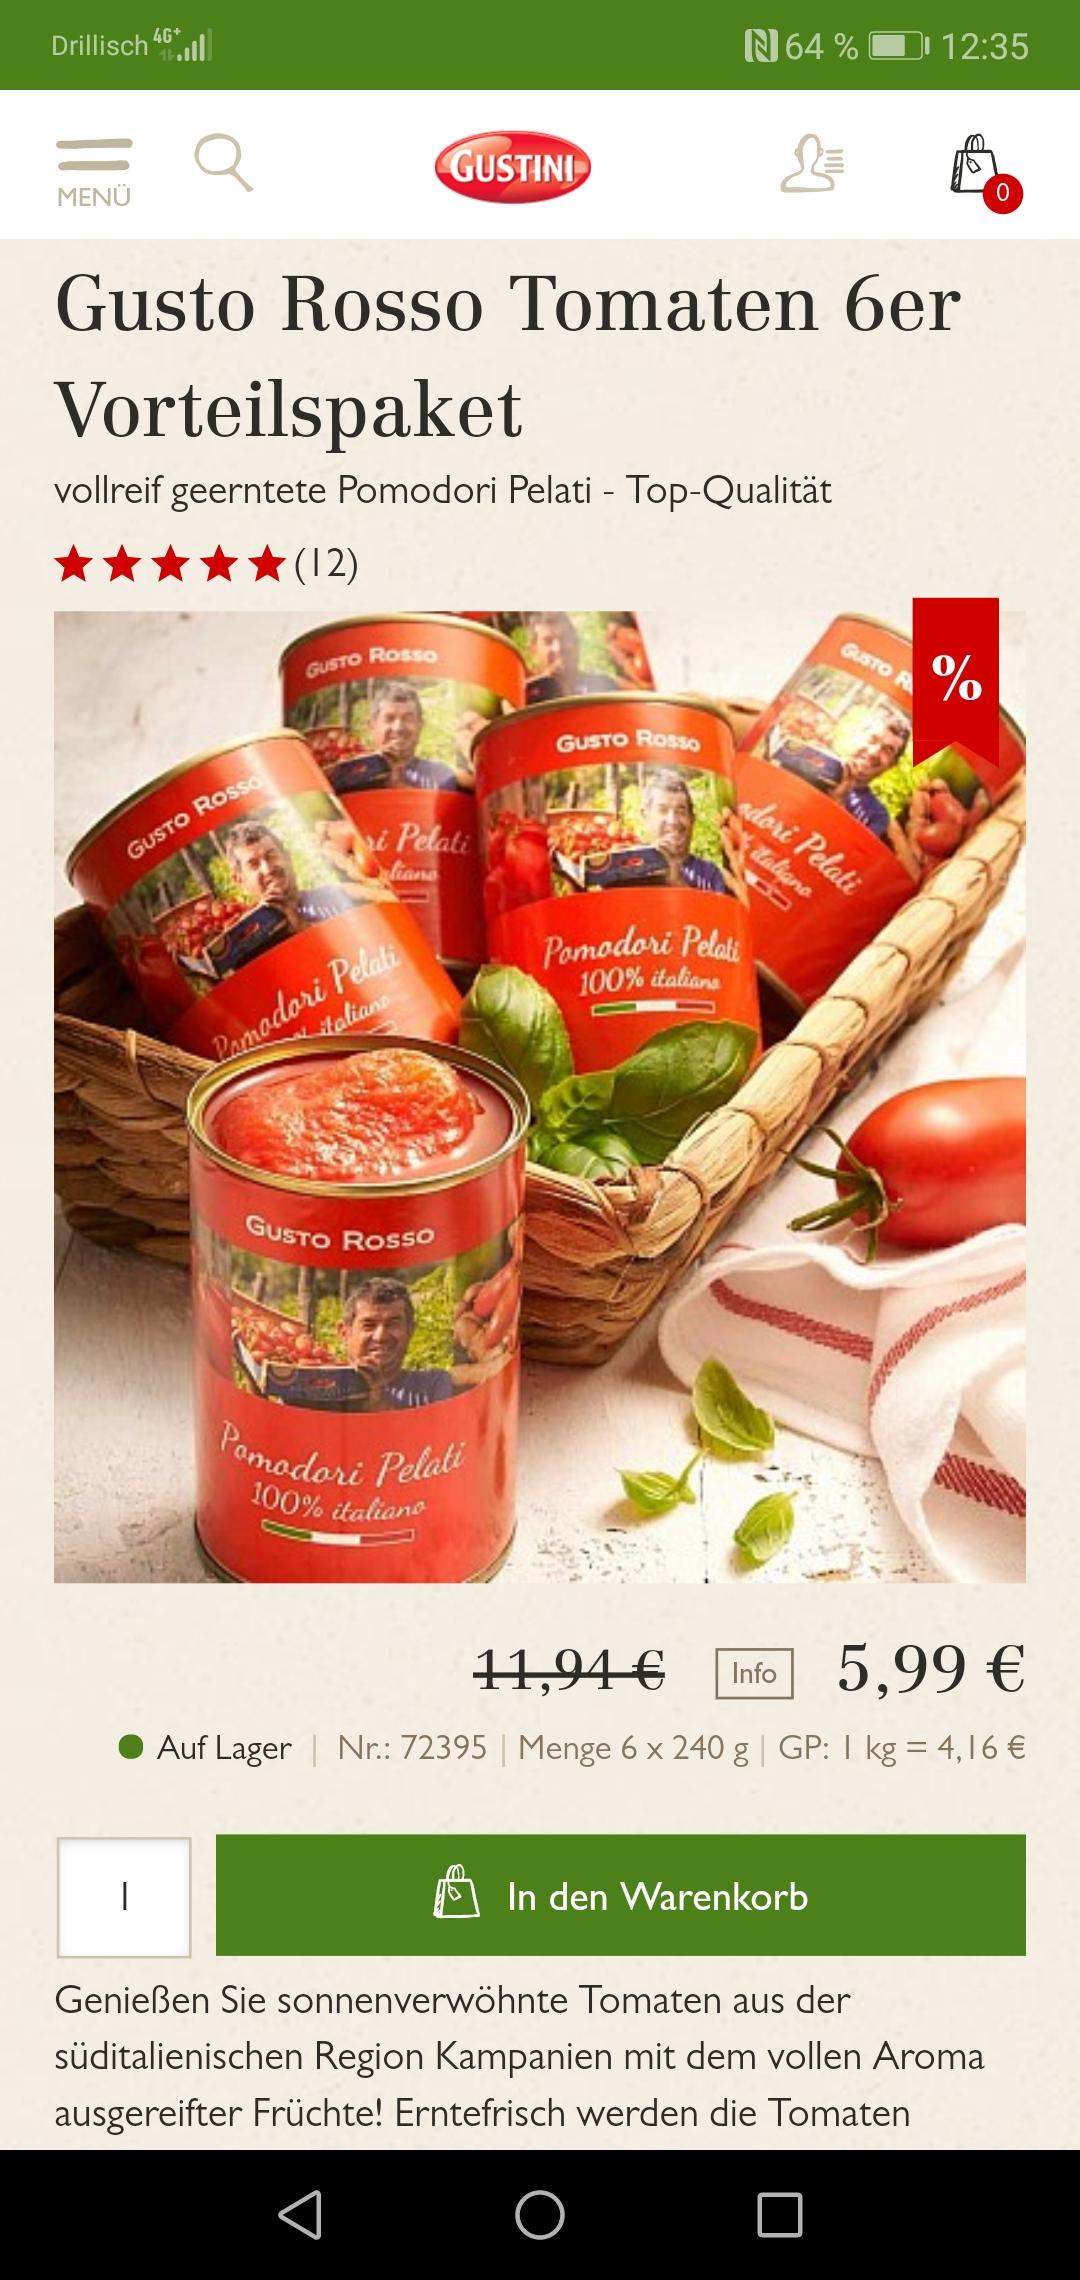 Gusto Rosso geschälte Tomaten auf Gustini im 6er Pack für 5,99